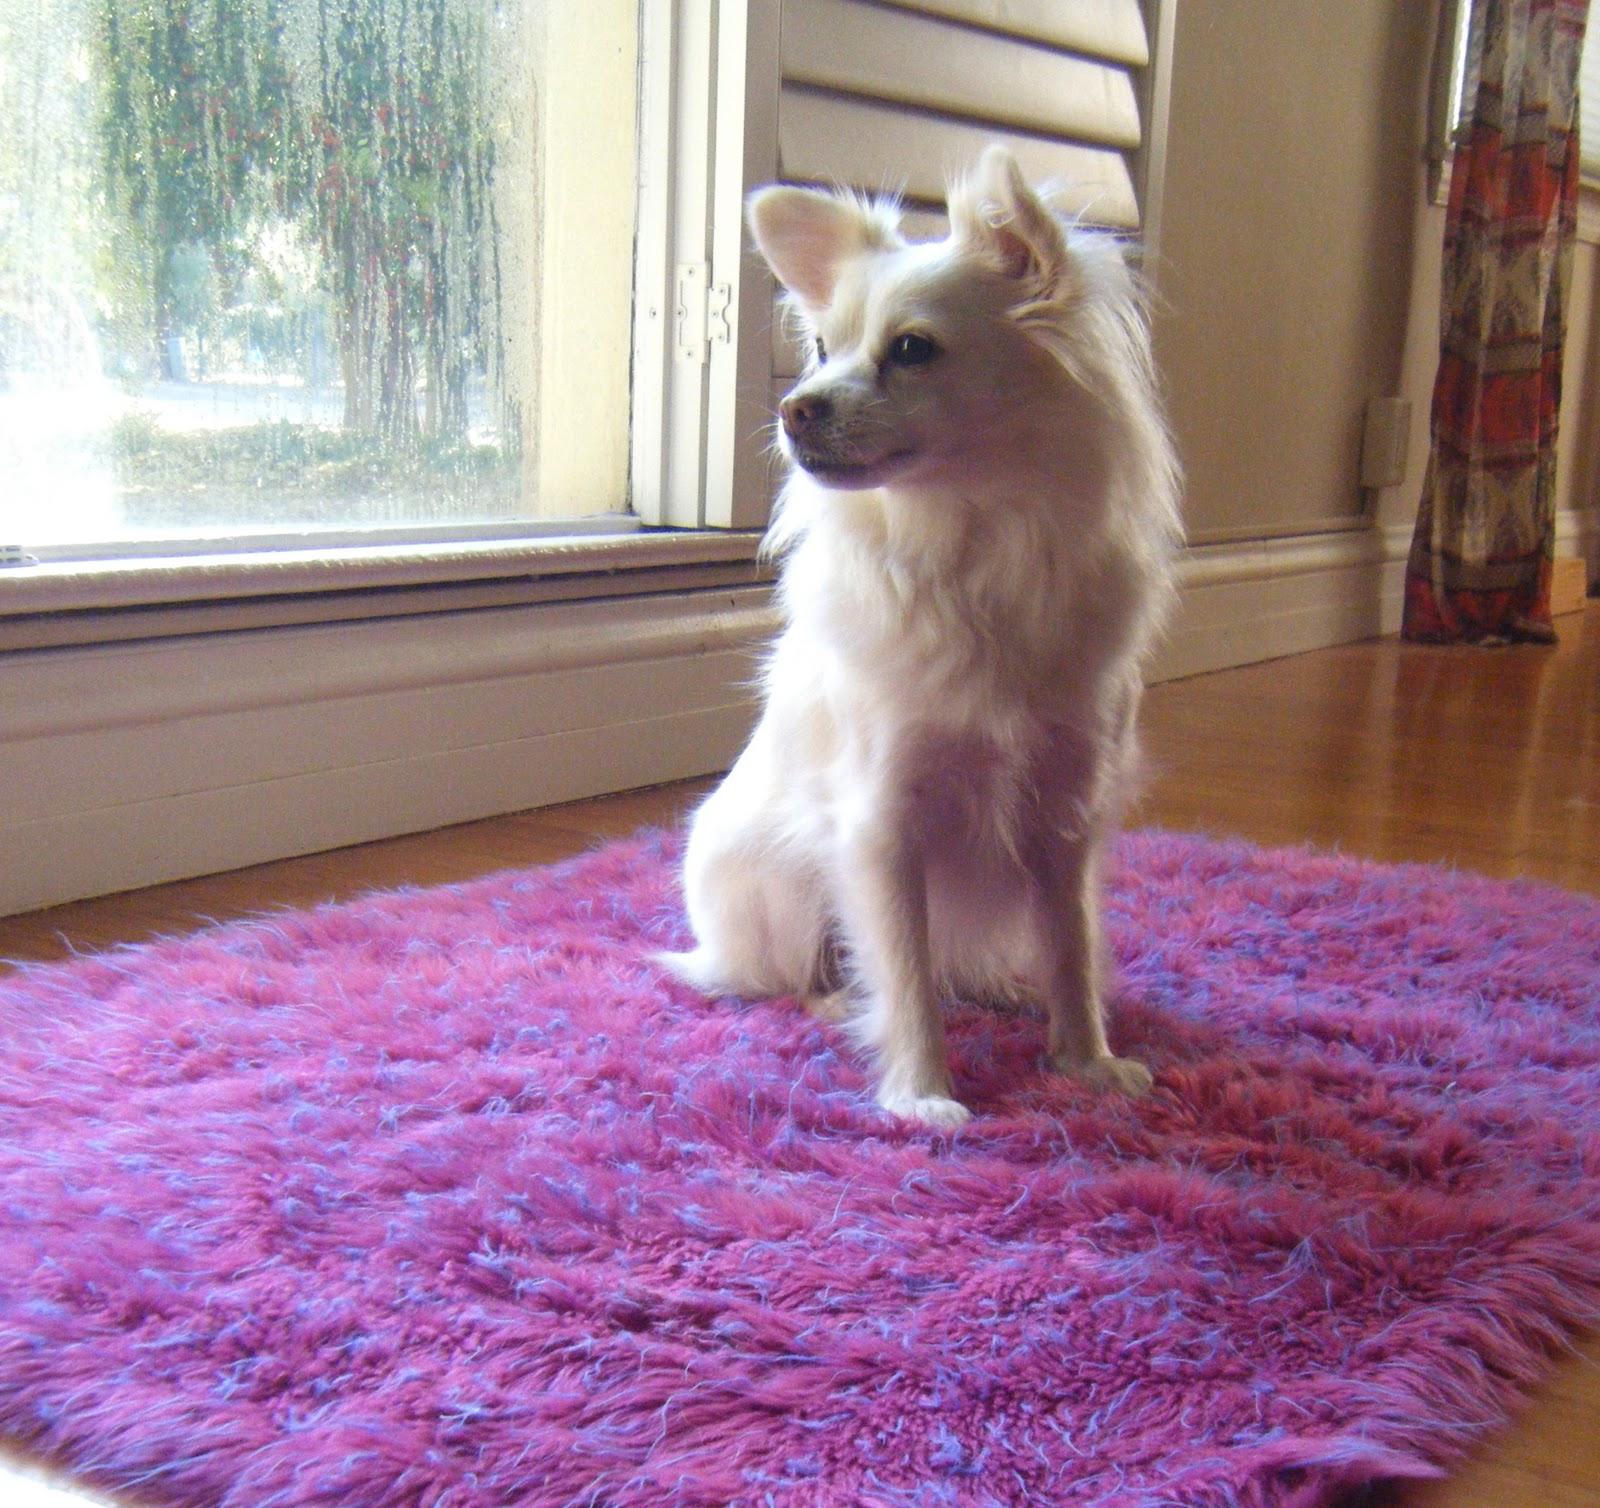 Dog Tears Up Rug: Sew DoggyStyle: Upcycled Shag Rug Dog Bed